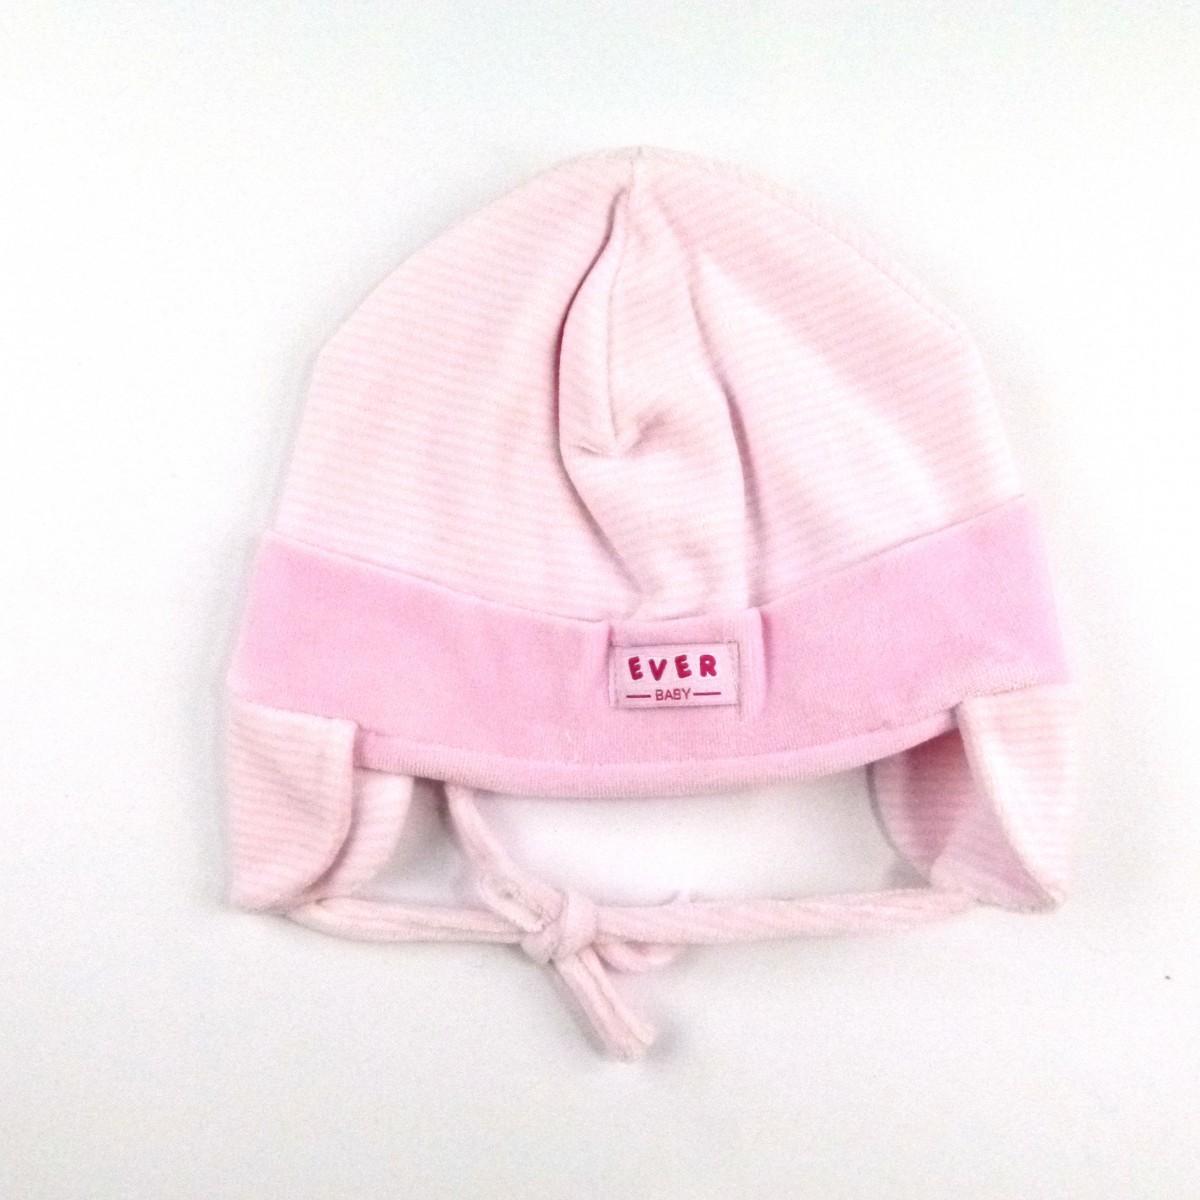 8fa9b6814f883 Touca Plush Listrada Everly - 032995 Rosa